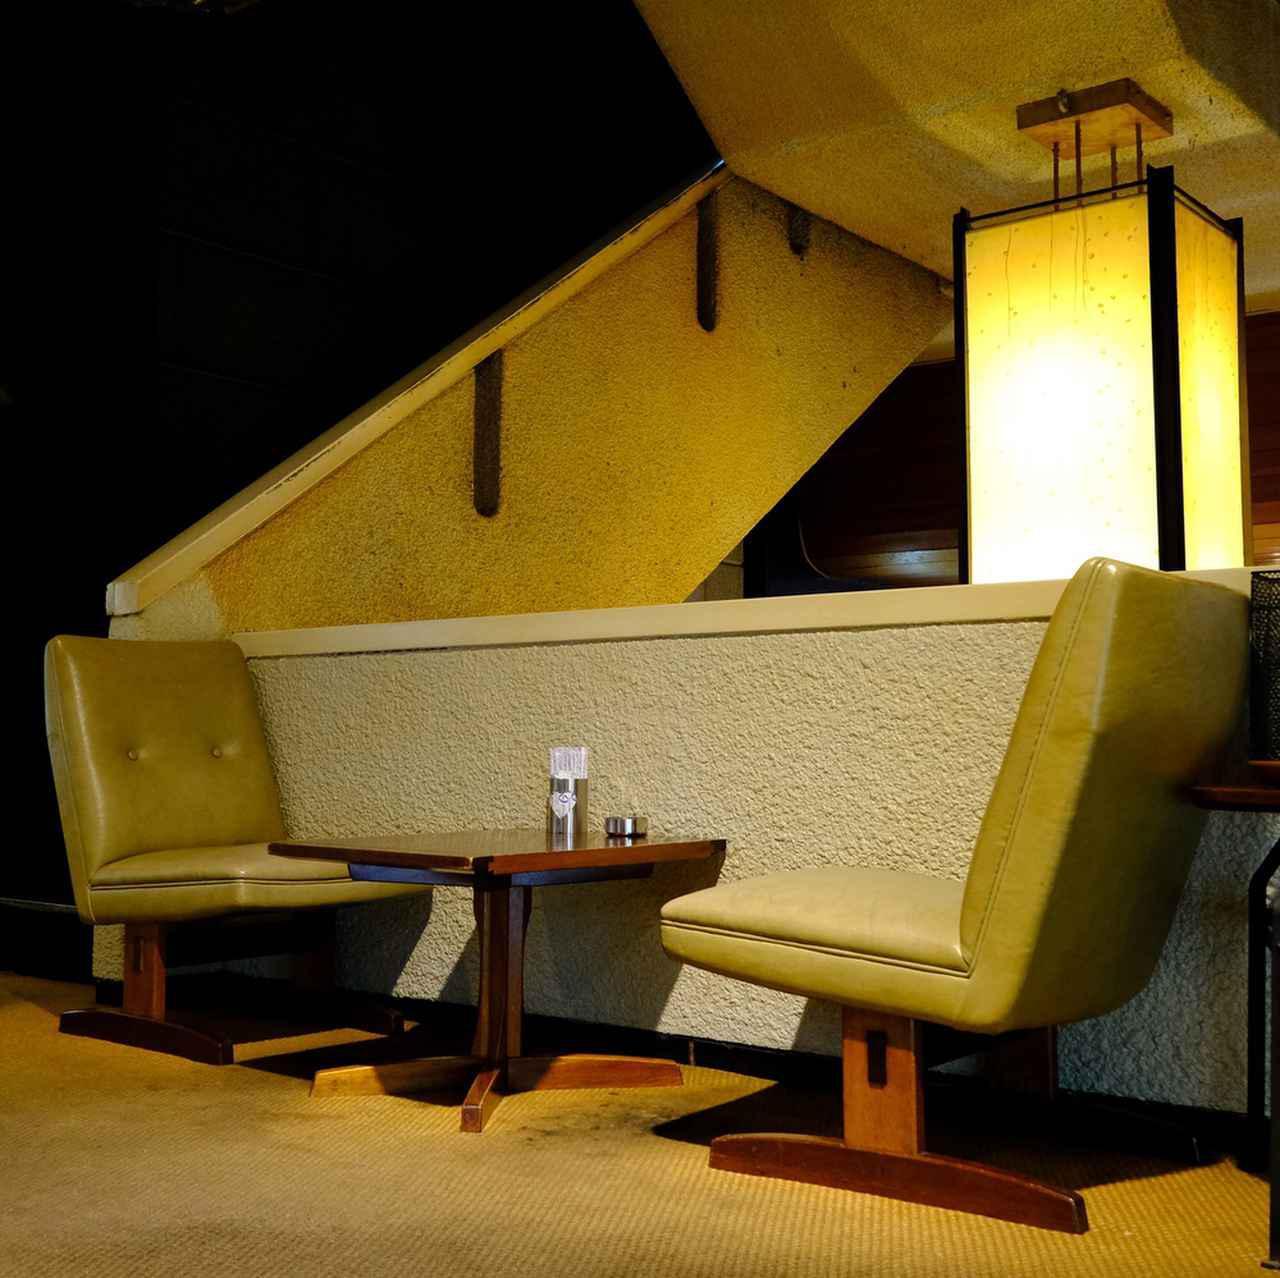 画像: 高松市内の家具メーカー「桜製作所」のテーブル&チェア。座りやすくゆったりとした座り心地と、テーブル間隔もたっぷりと贅沢にとられています。